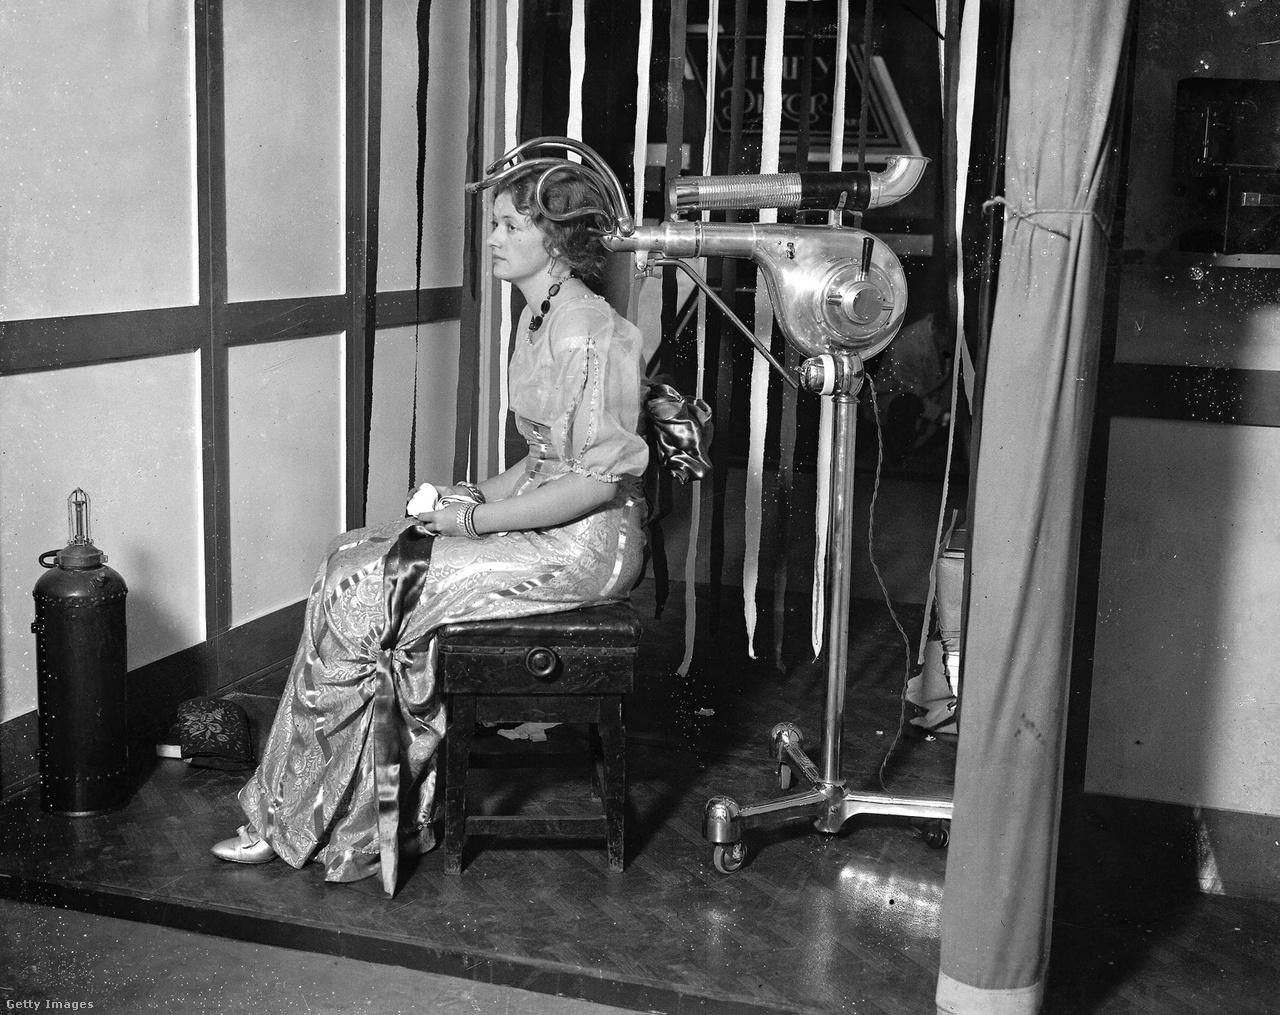 Külön cikket lehetne szentelni a harmincas évek hajszárítóinak. Az 1930-as londoni divatvásáron mutatták be a képen látható elektromos készüléket, ami szintén hajlított csövekkel vette körül a nők fejét.